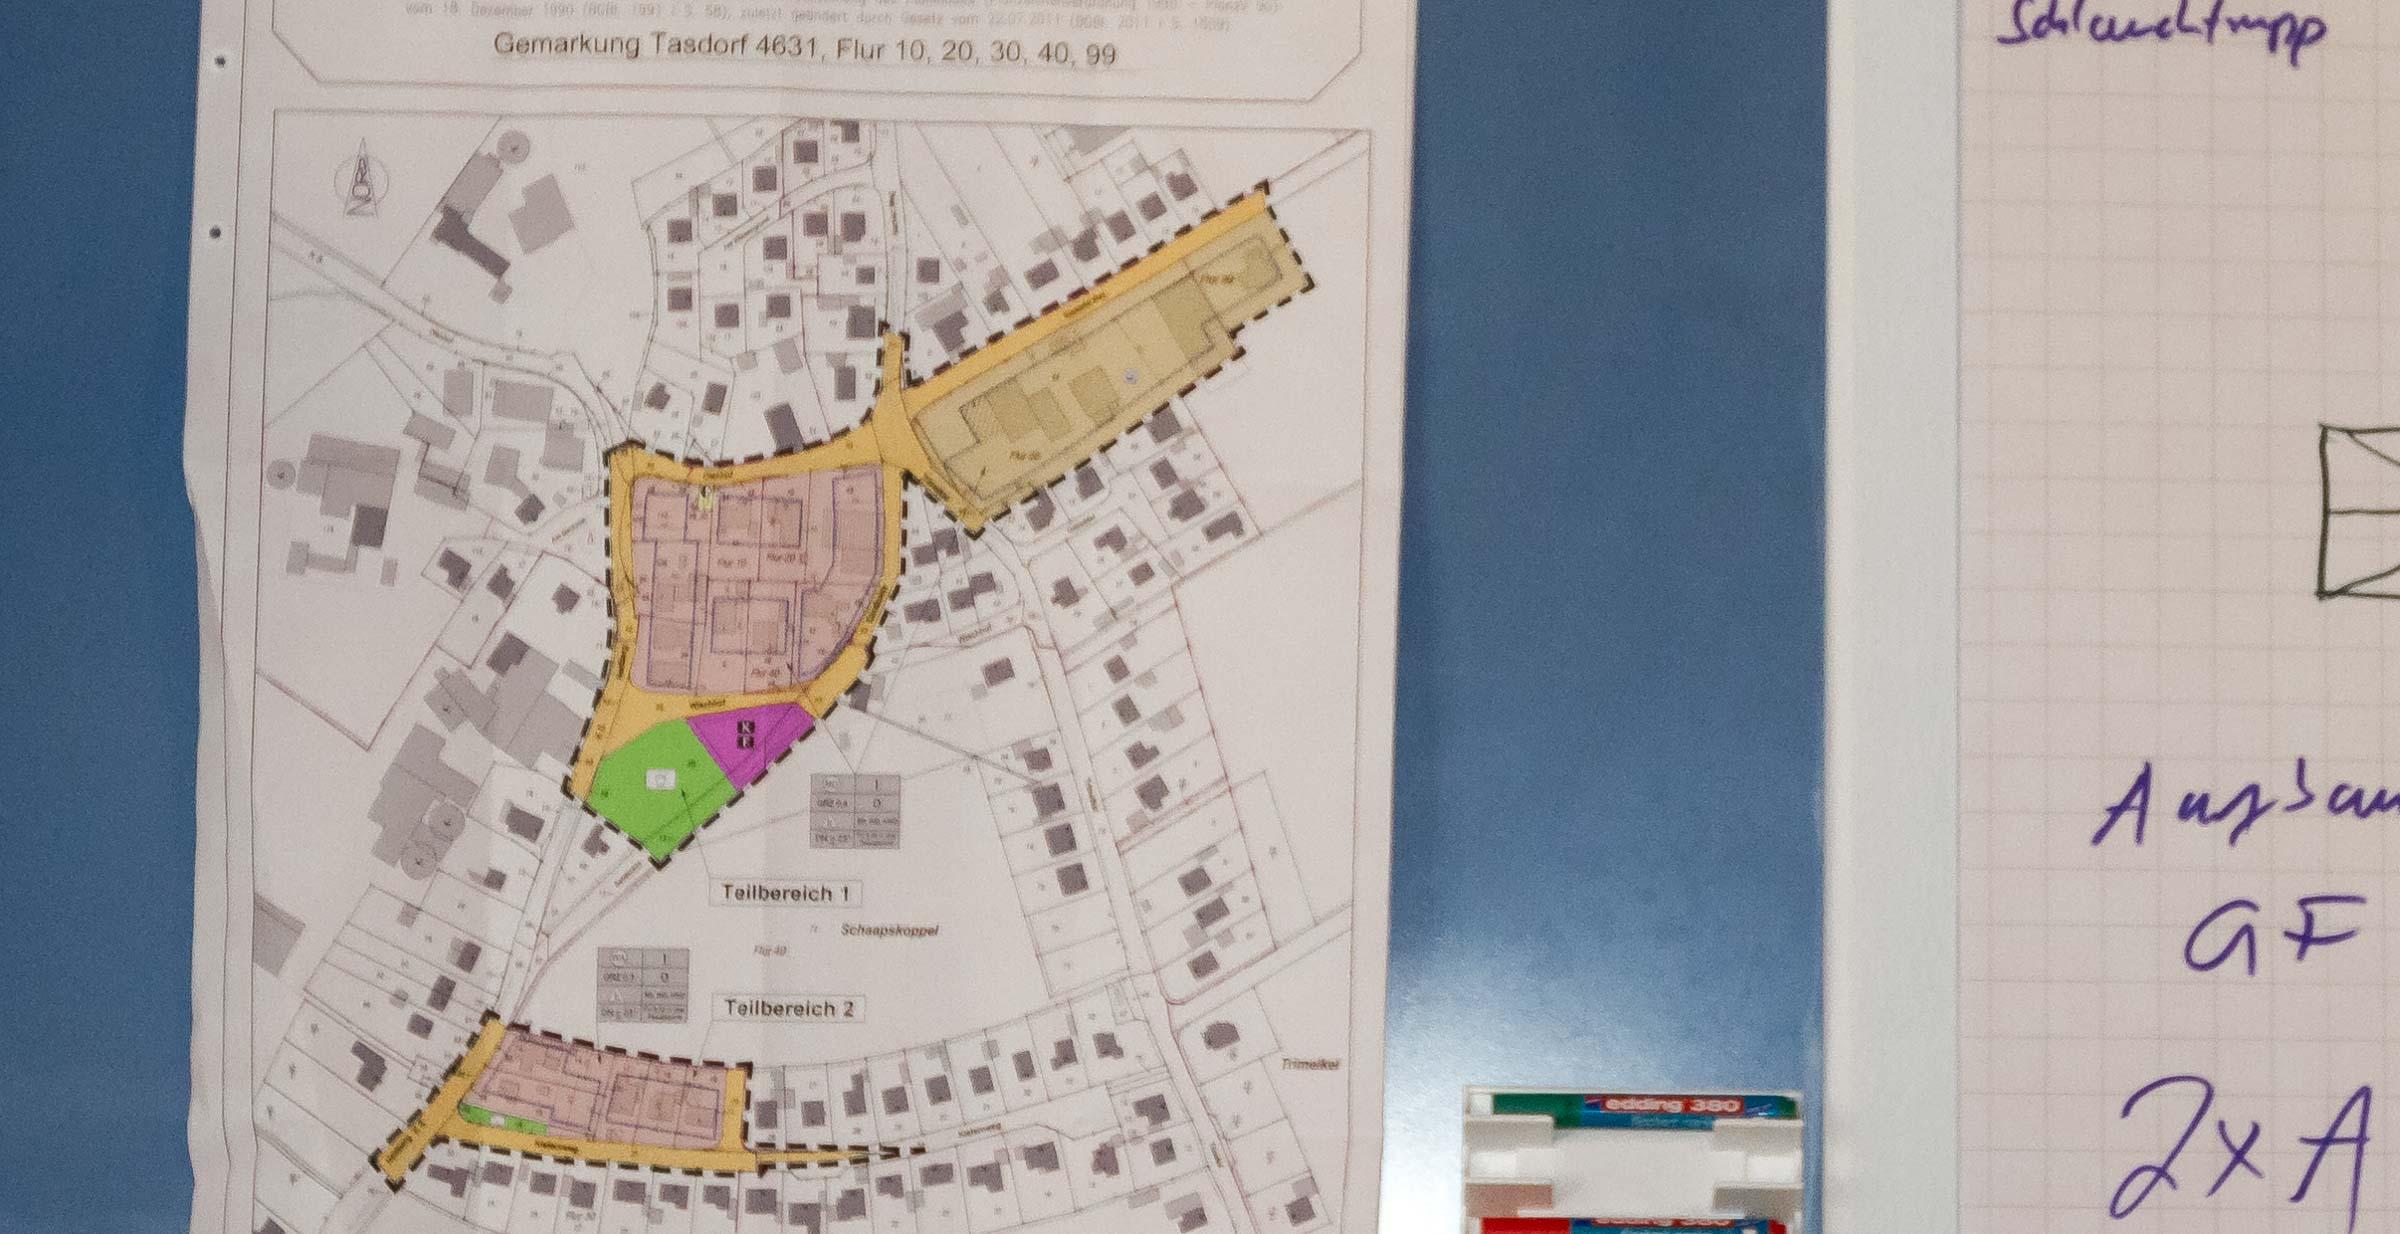 Tasdorfer CDU stoppt überraschend Bauplanung in der Gemeinde